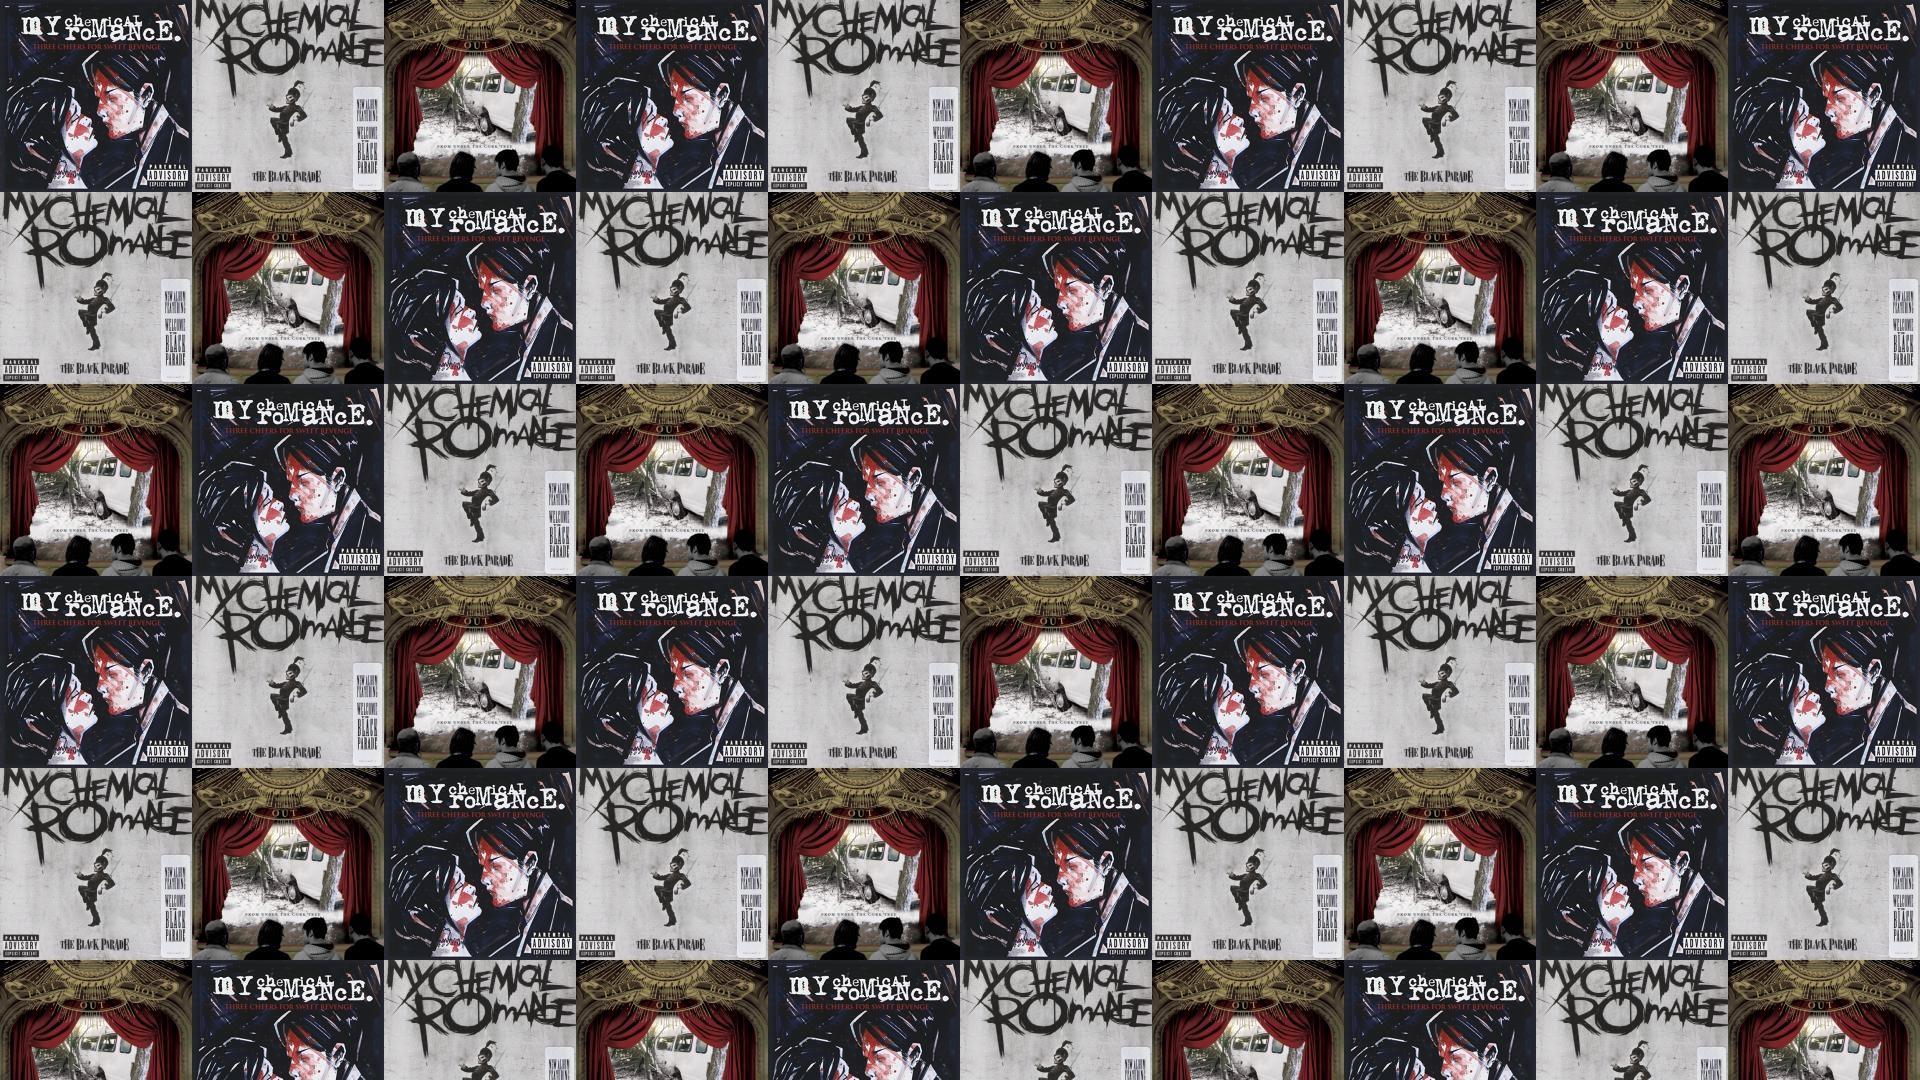 My Chemical Romance Three Cheers For Sweet Revenge Wallpaper Â« Tiled  Desktop Wallpaper